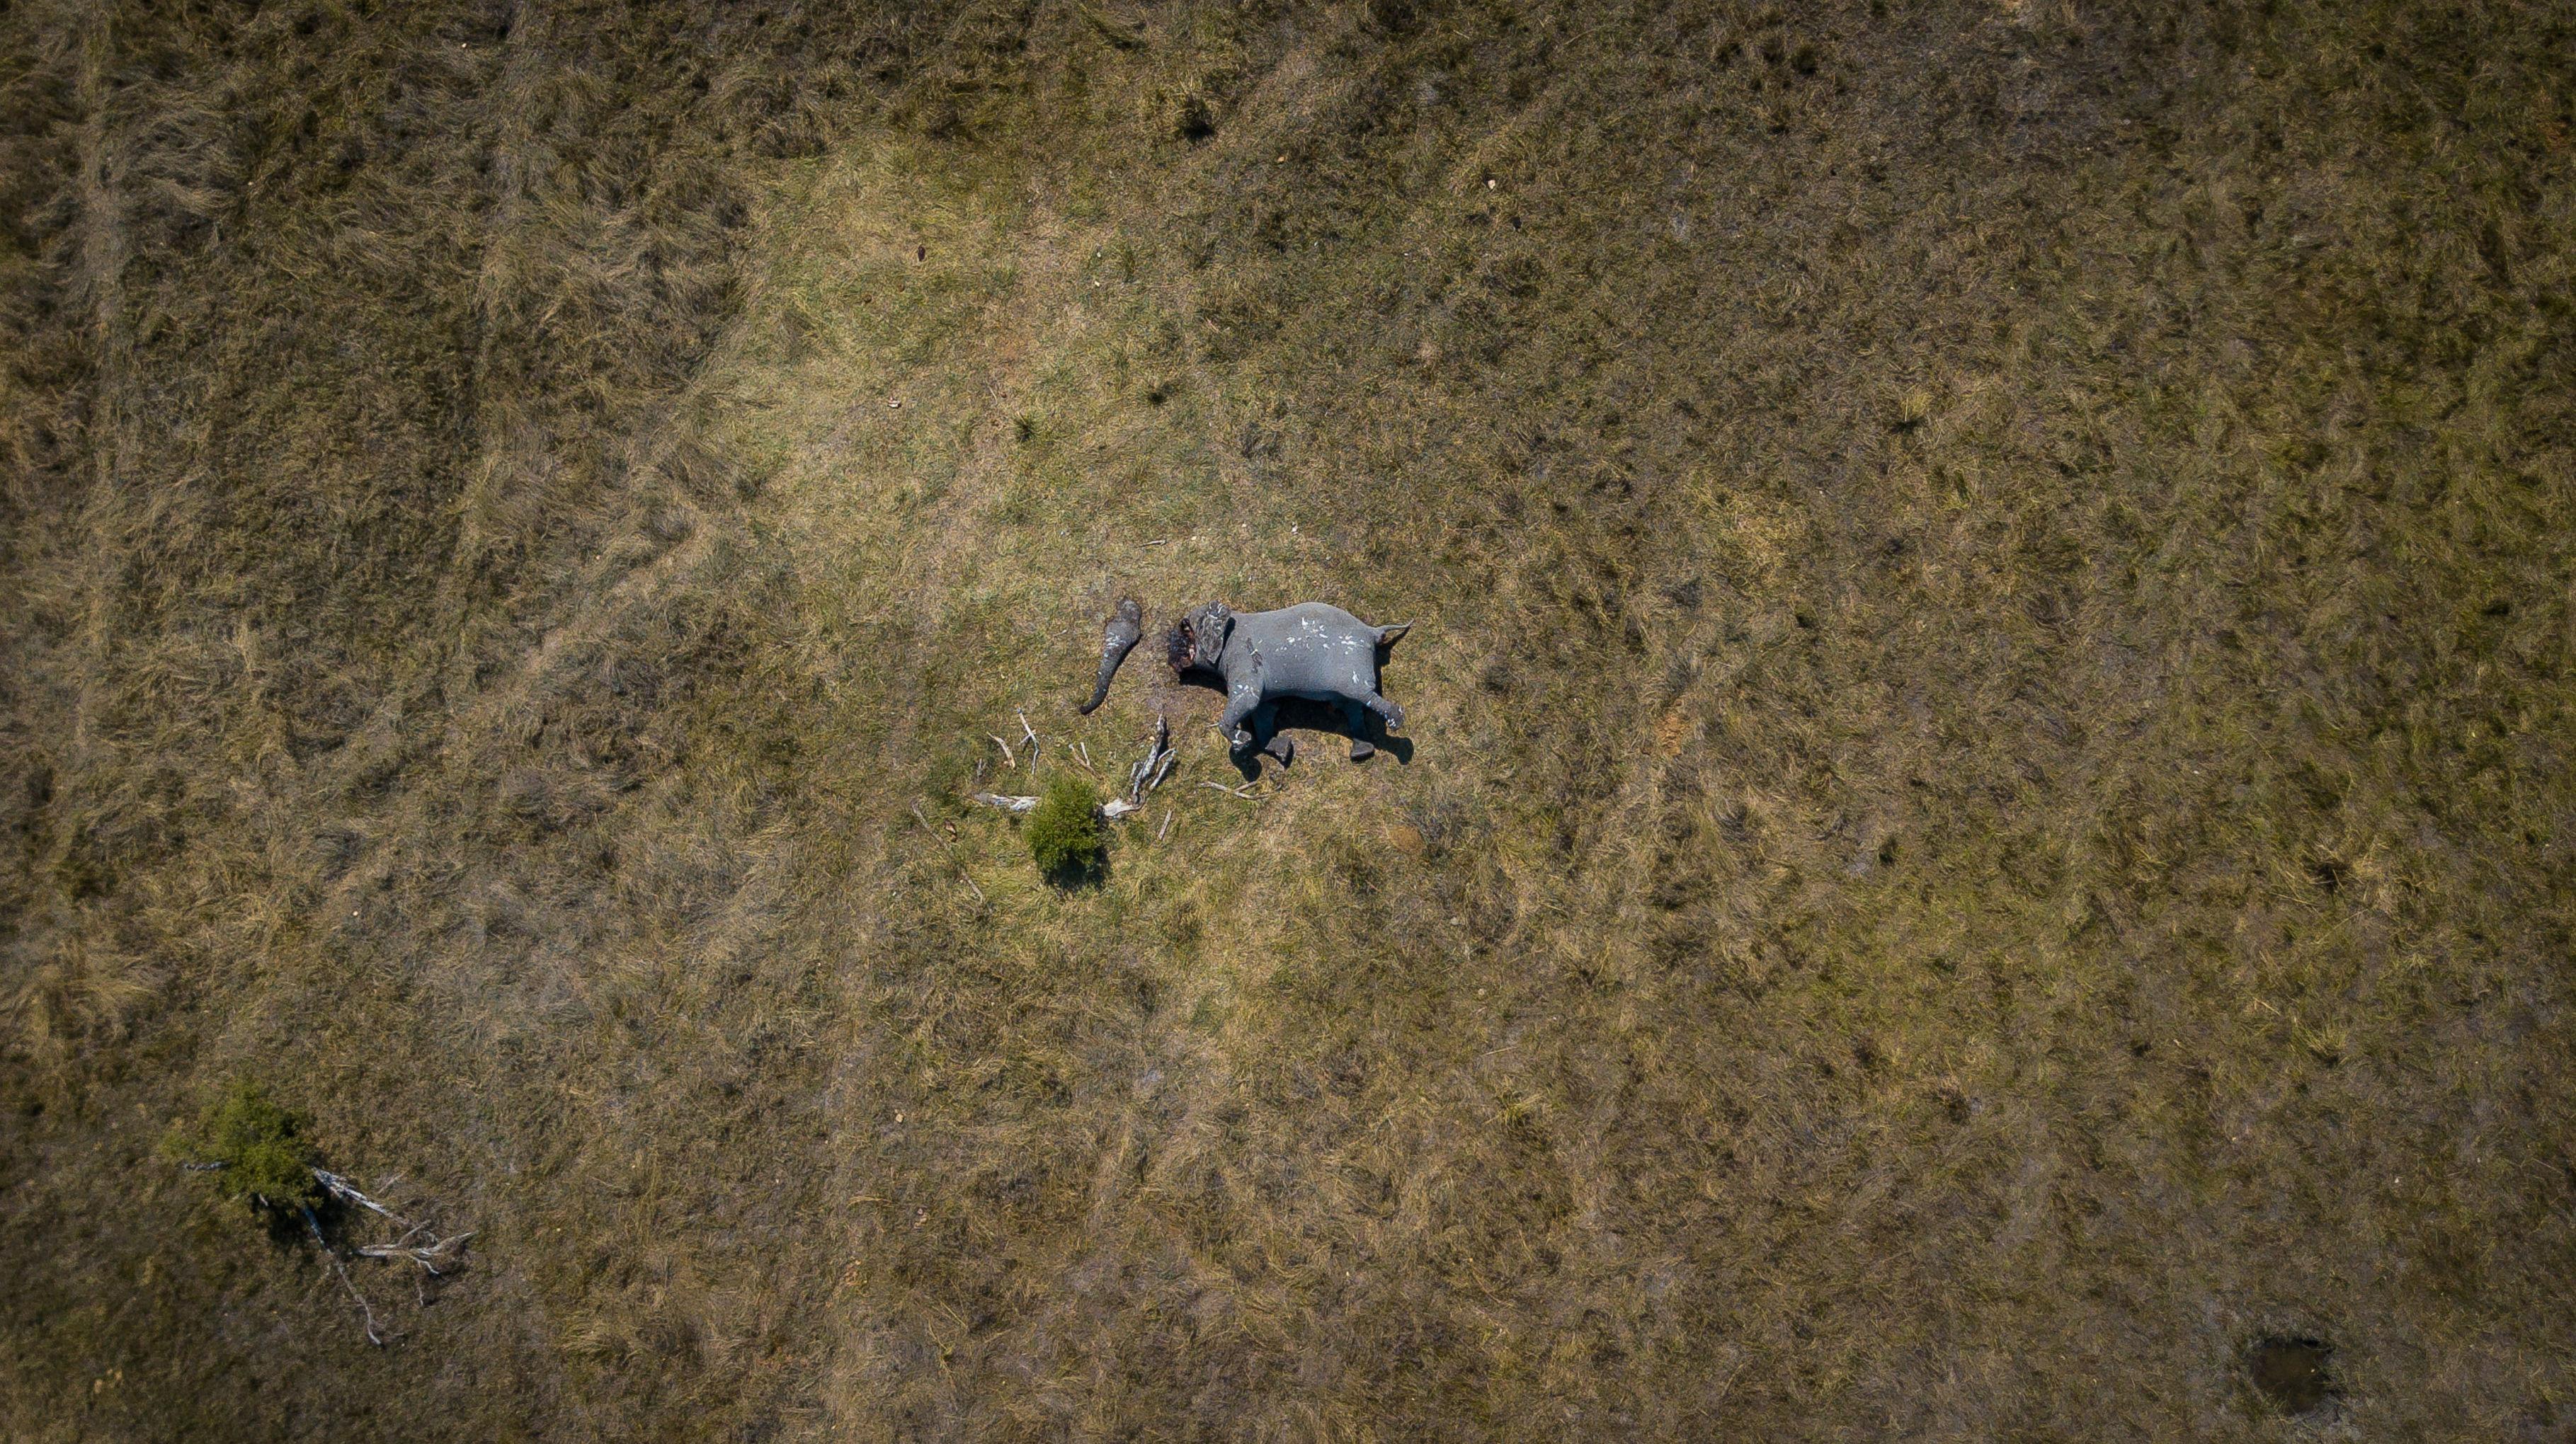 'Desconexión' por Justin Sullivan, Sudáfrica. Primer puesto en categoría 'Mi planeta'